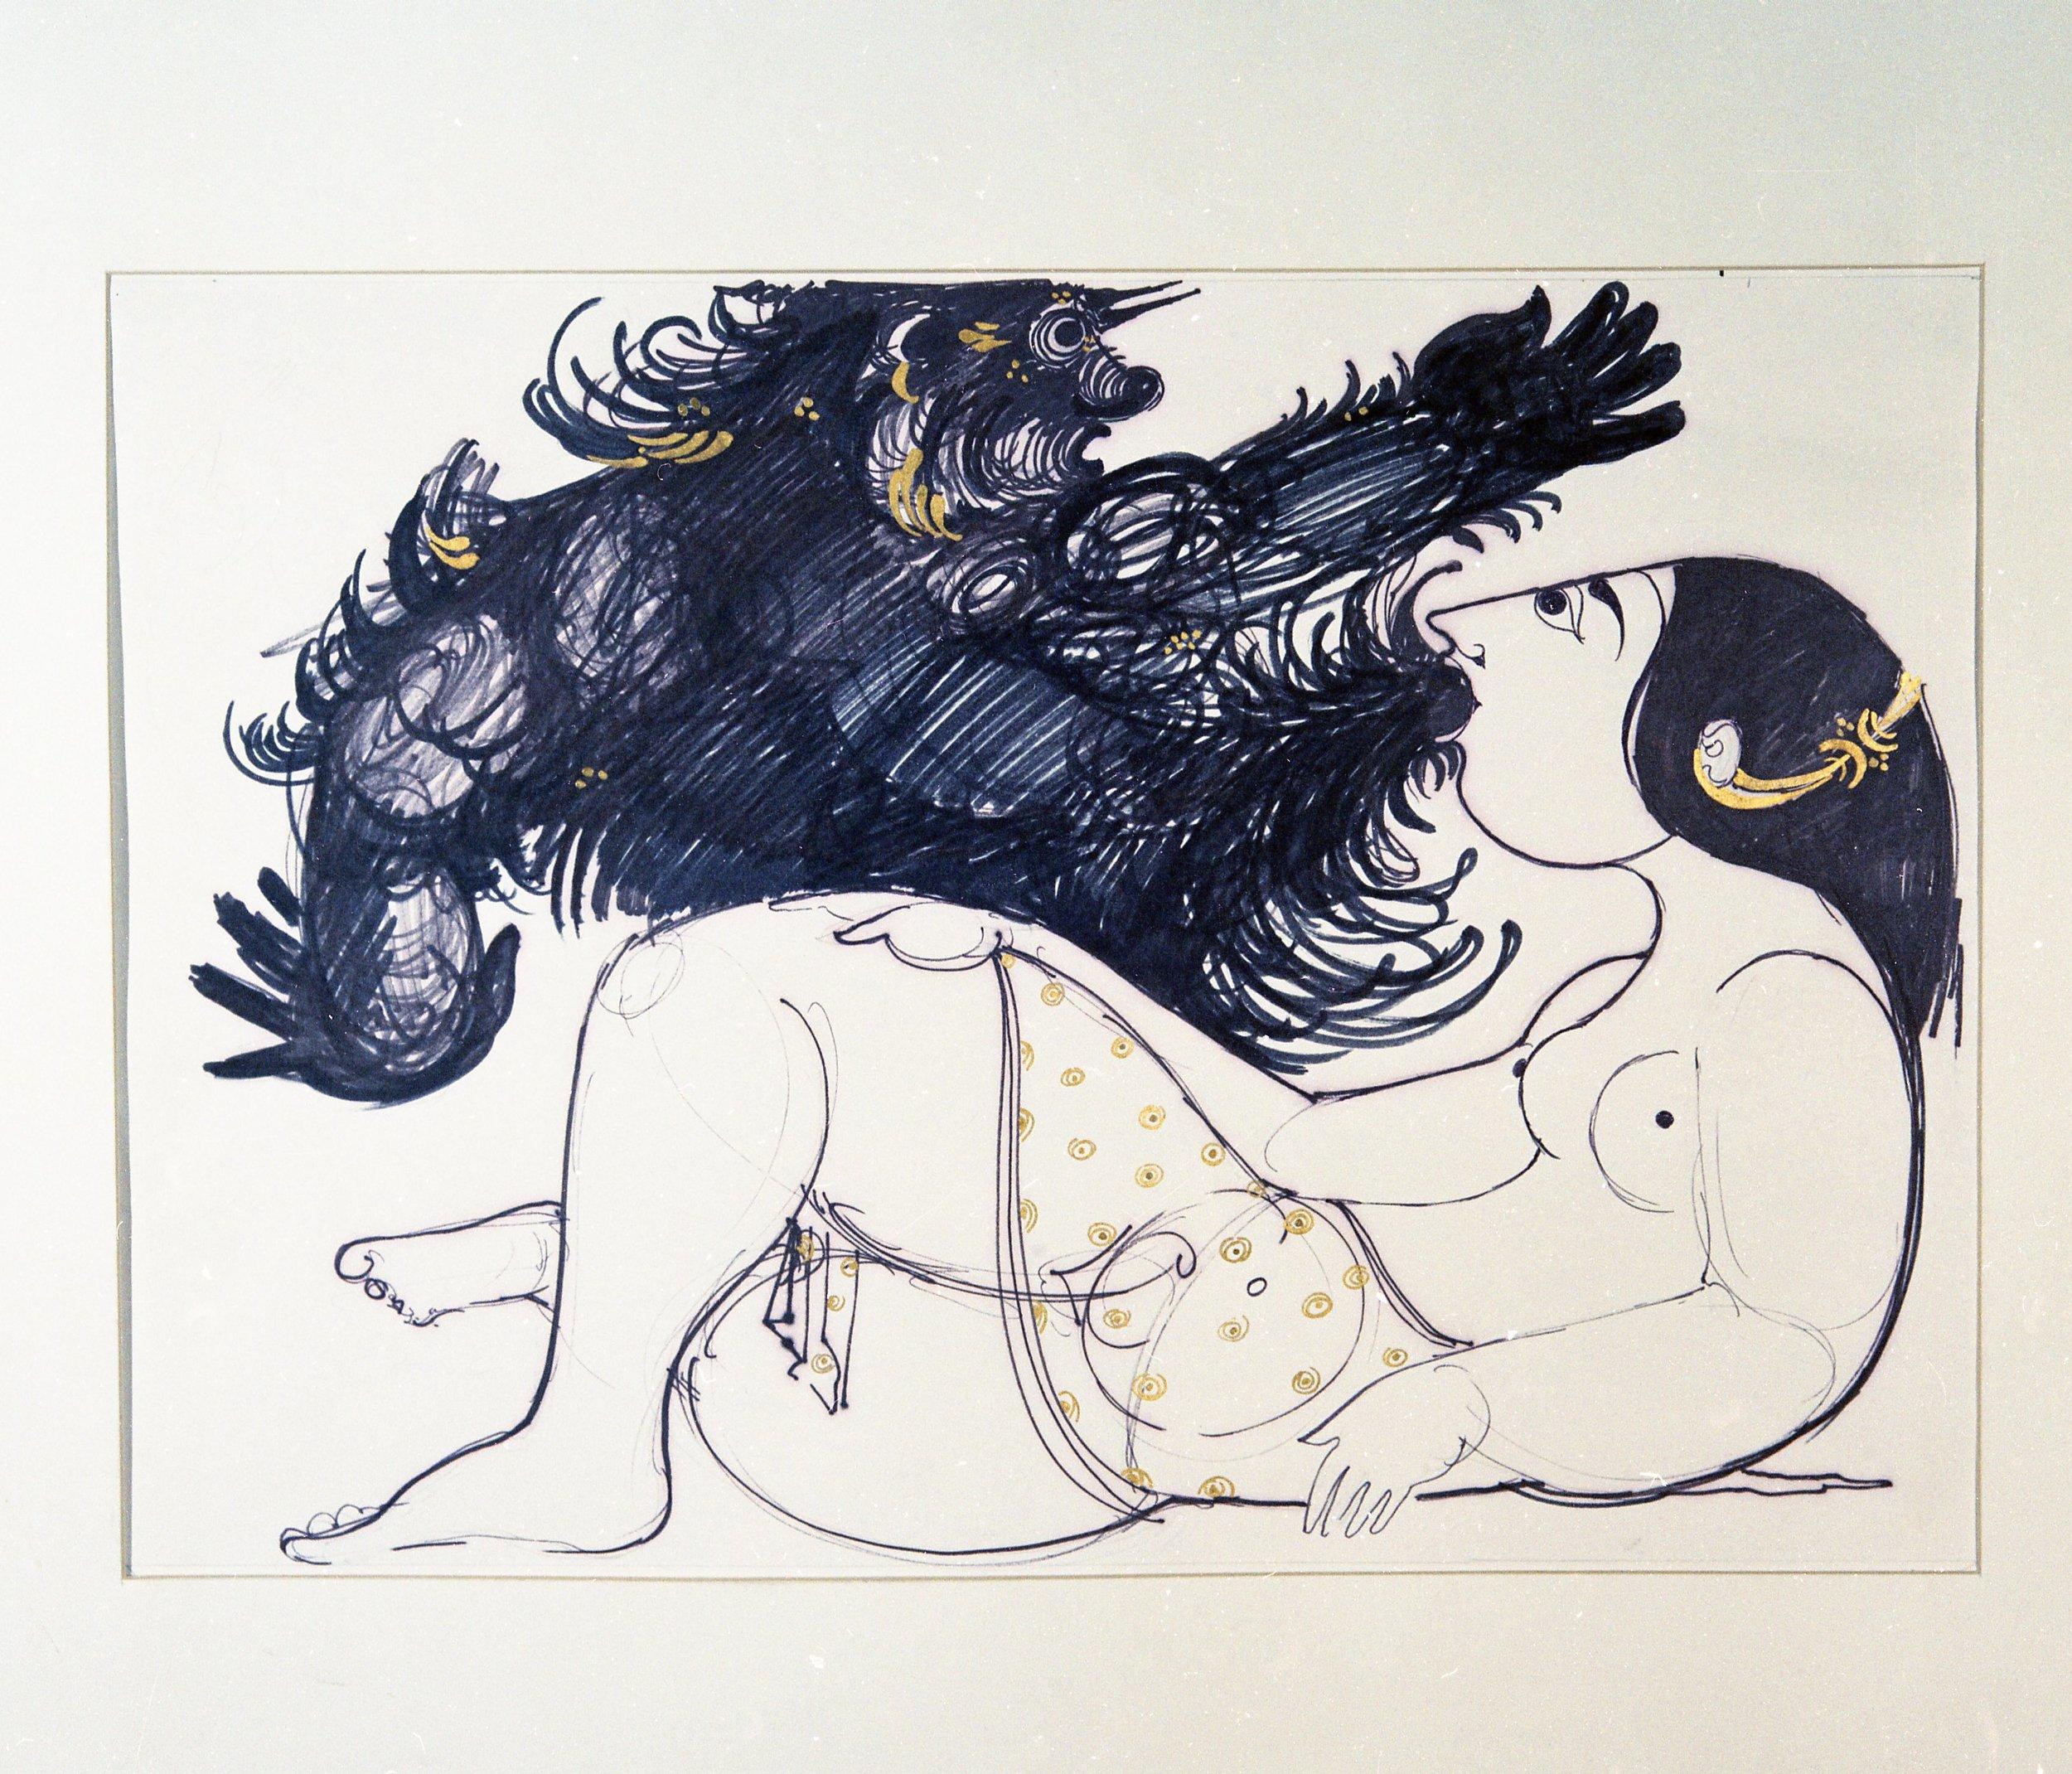 Kvinde og djin (ånd) i Wiinblads illustrationer til  1001 nat  fra slutningen af 1960'erne.